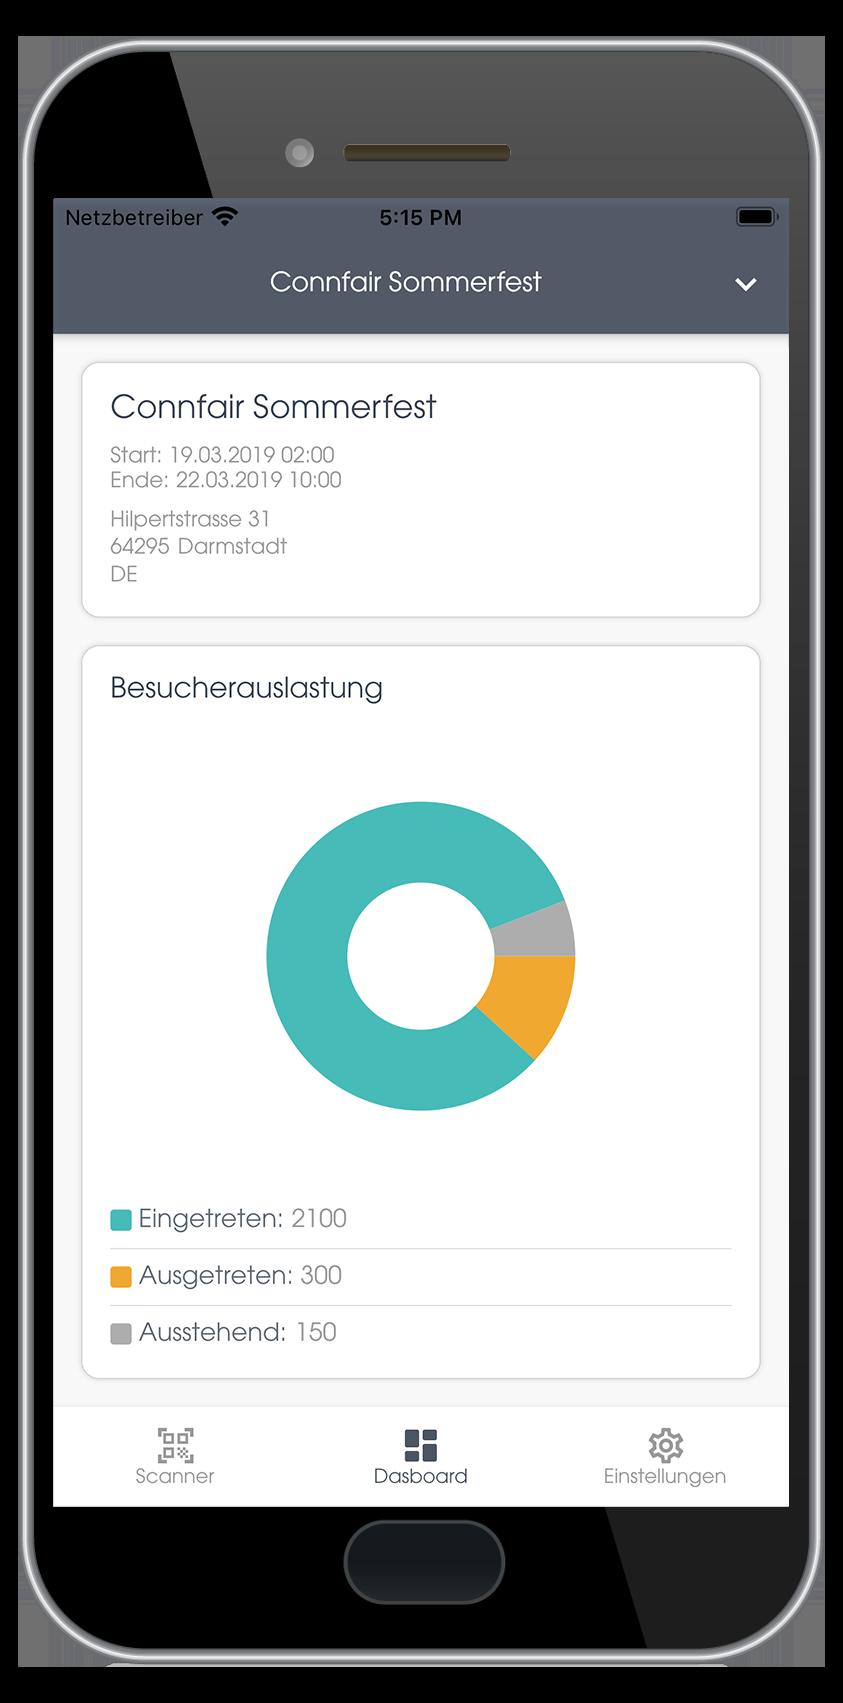 Der Bildschrim eines Smartphones zeigt die Startseite der neuen Admin App von Connfair. Ein Tortendiagramm zeigt darin die aktuelle Auslastung, wie viele Personen bereits eingetreten sind un dwie viele das Gelände verlassen haben.